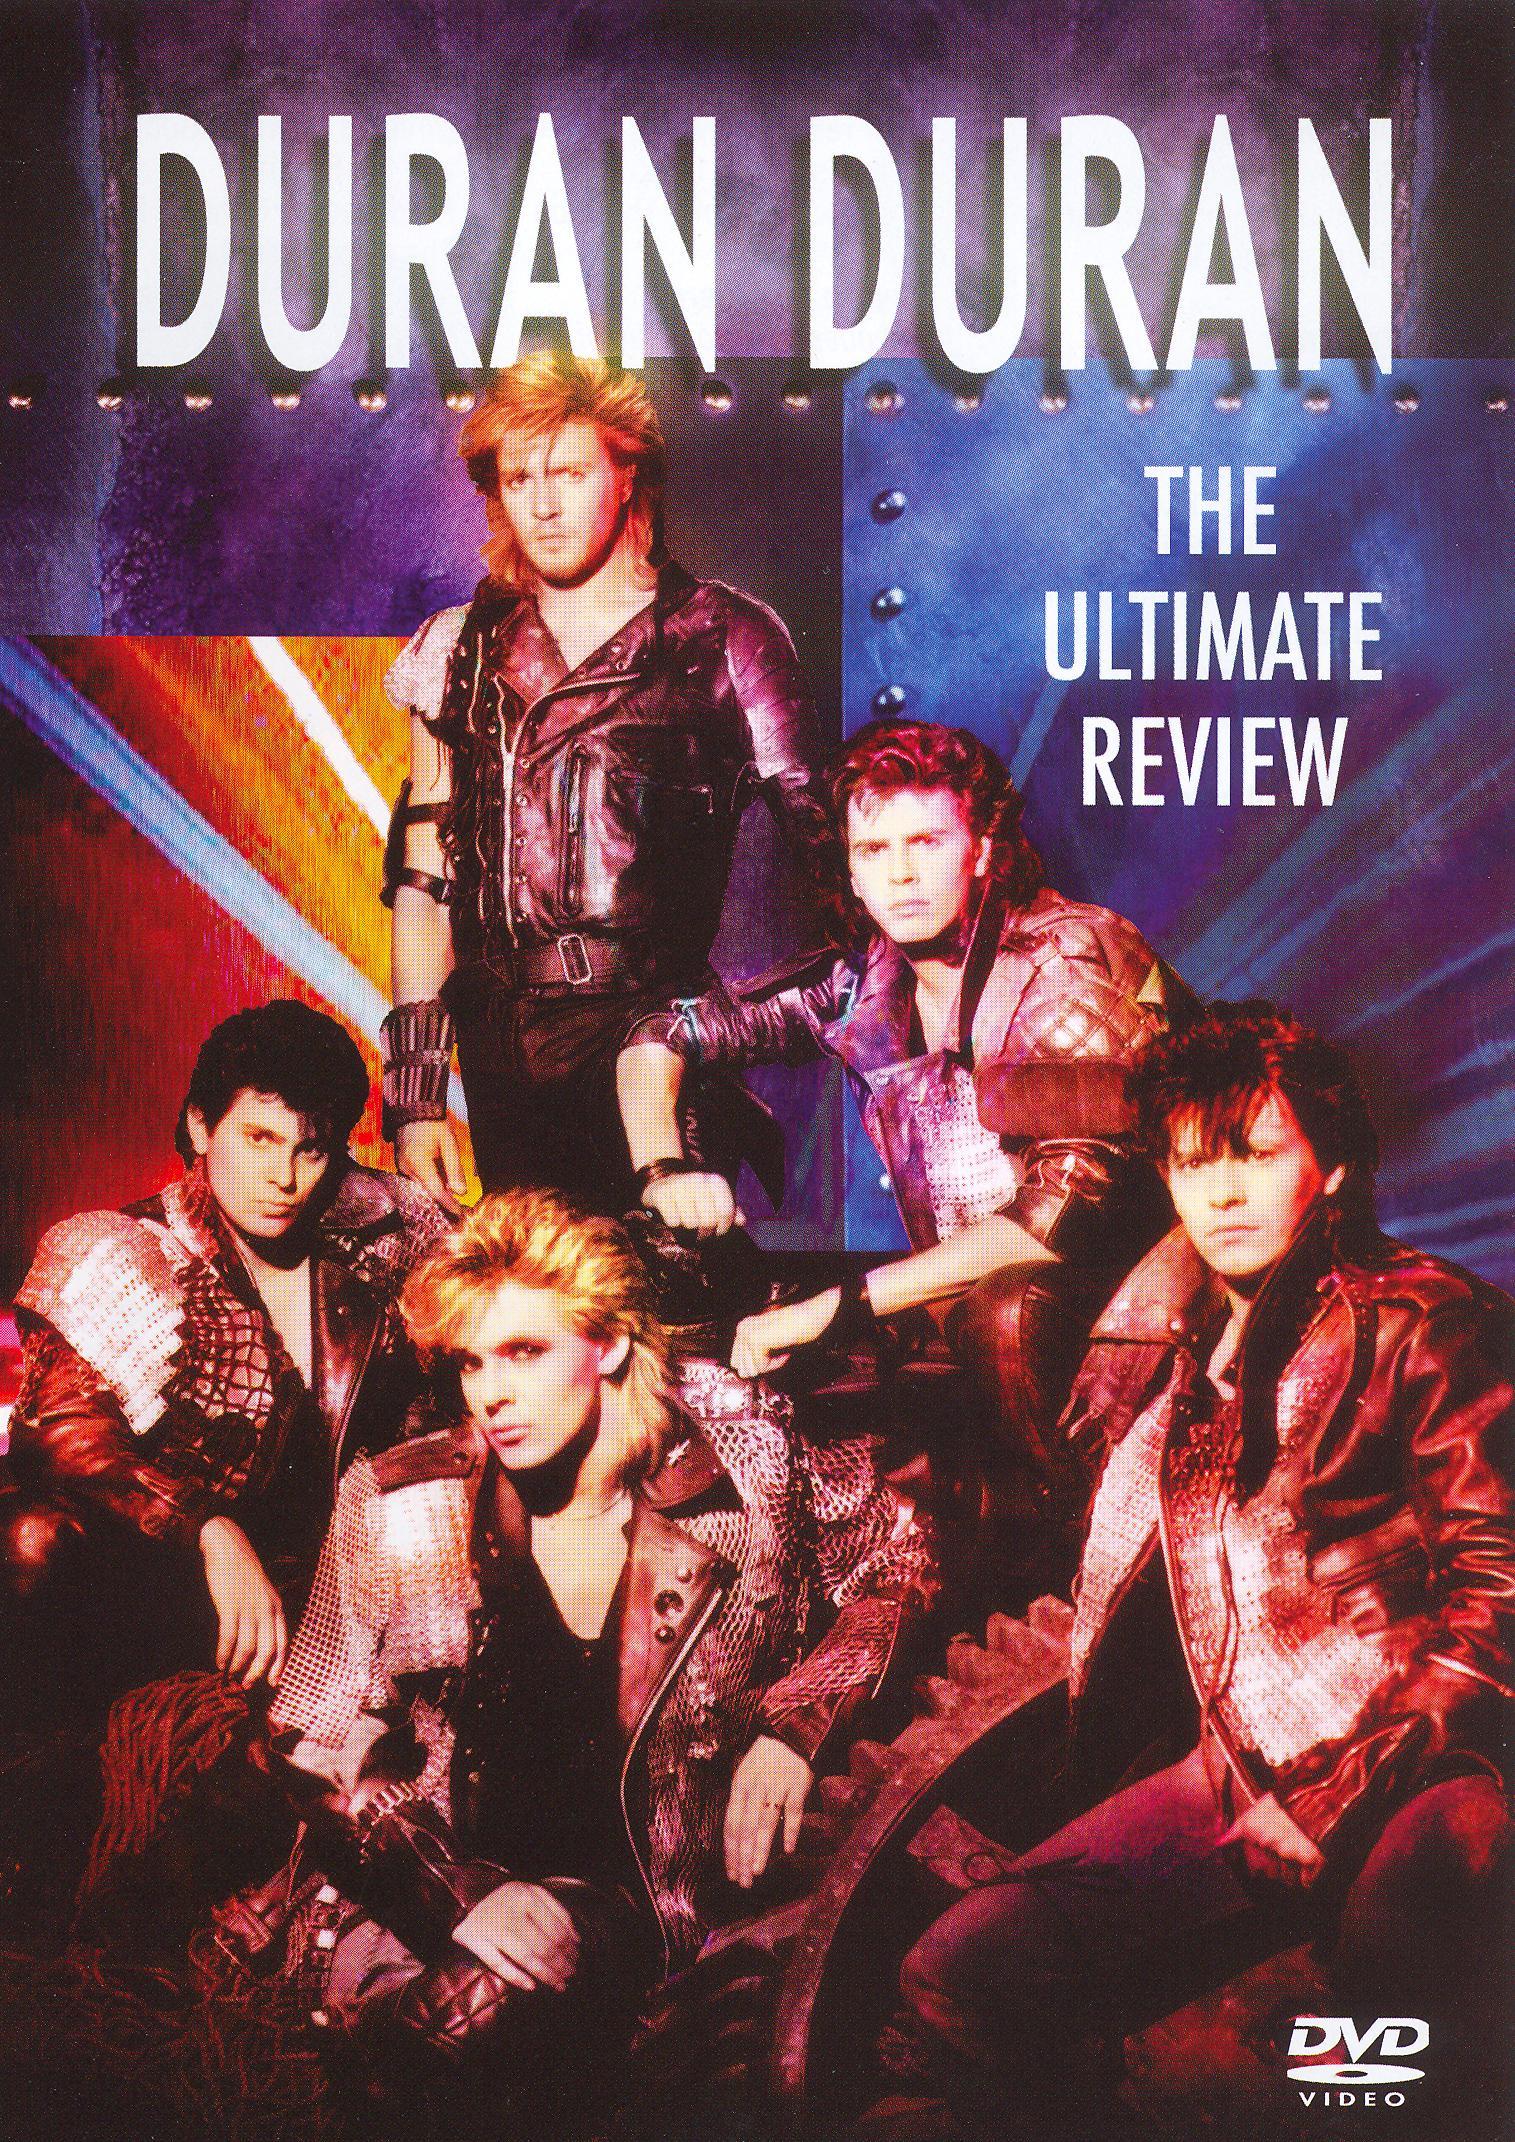 The Ultimate Review: Duran Duran